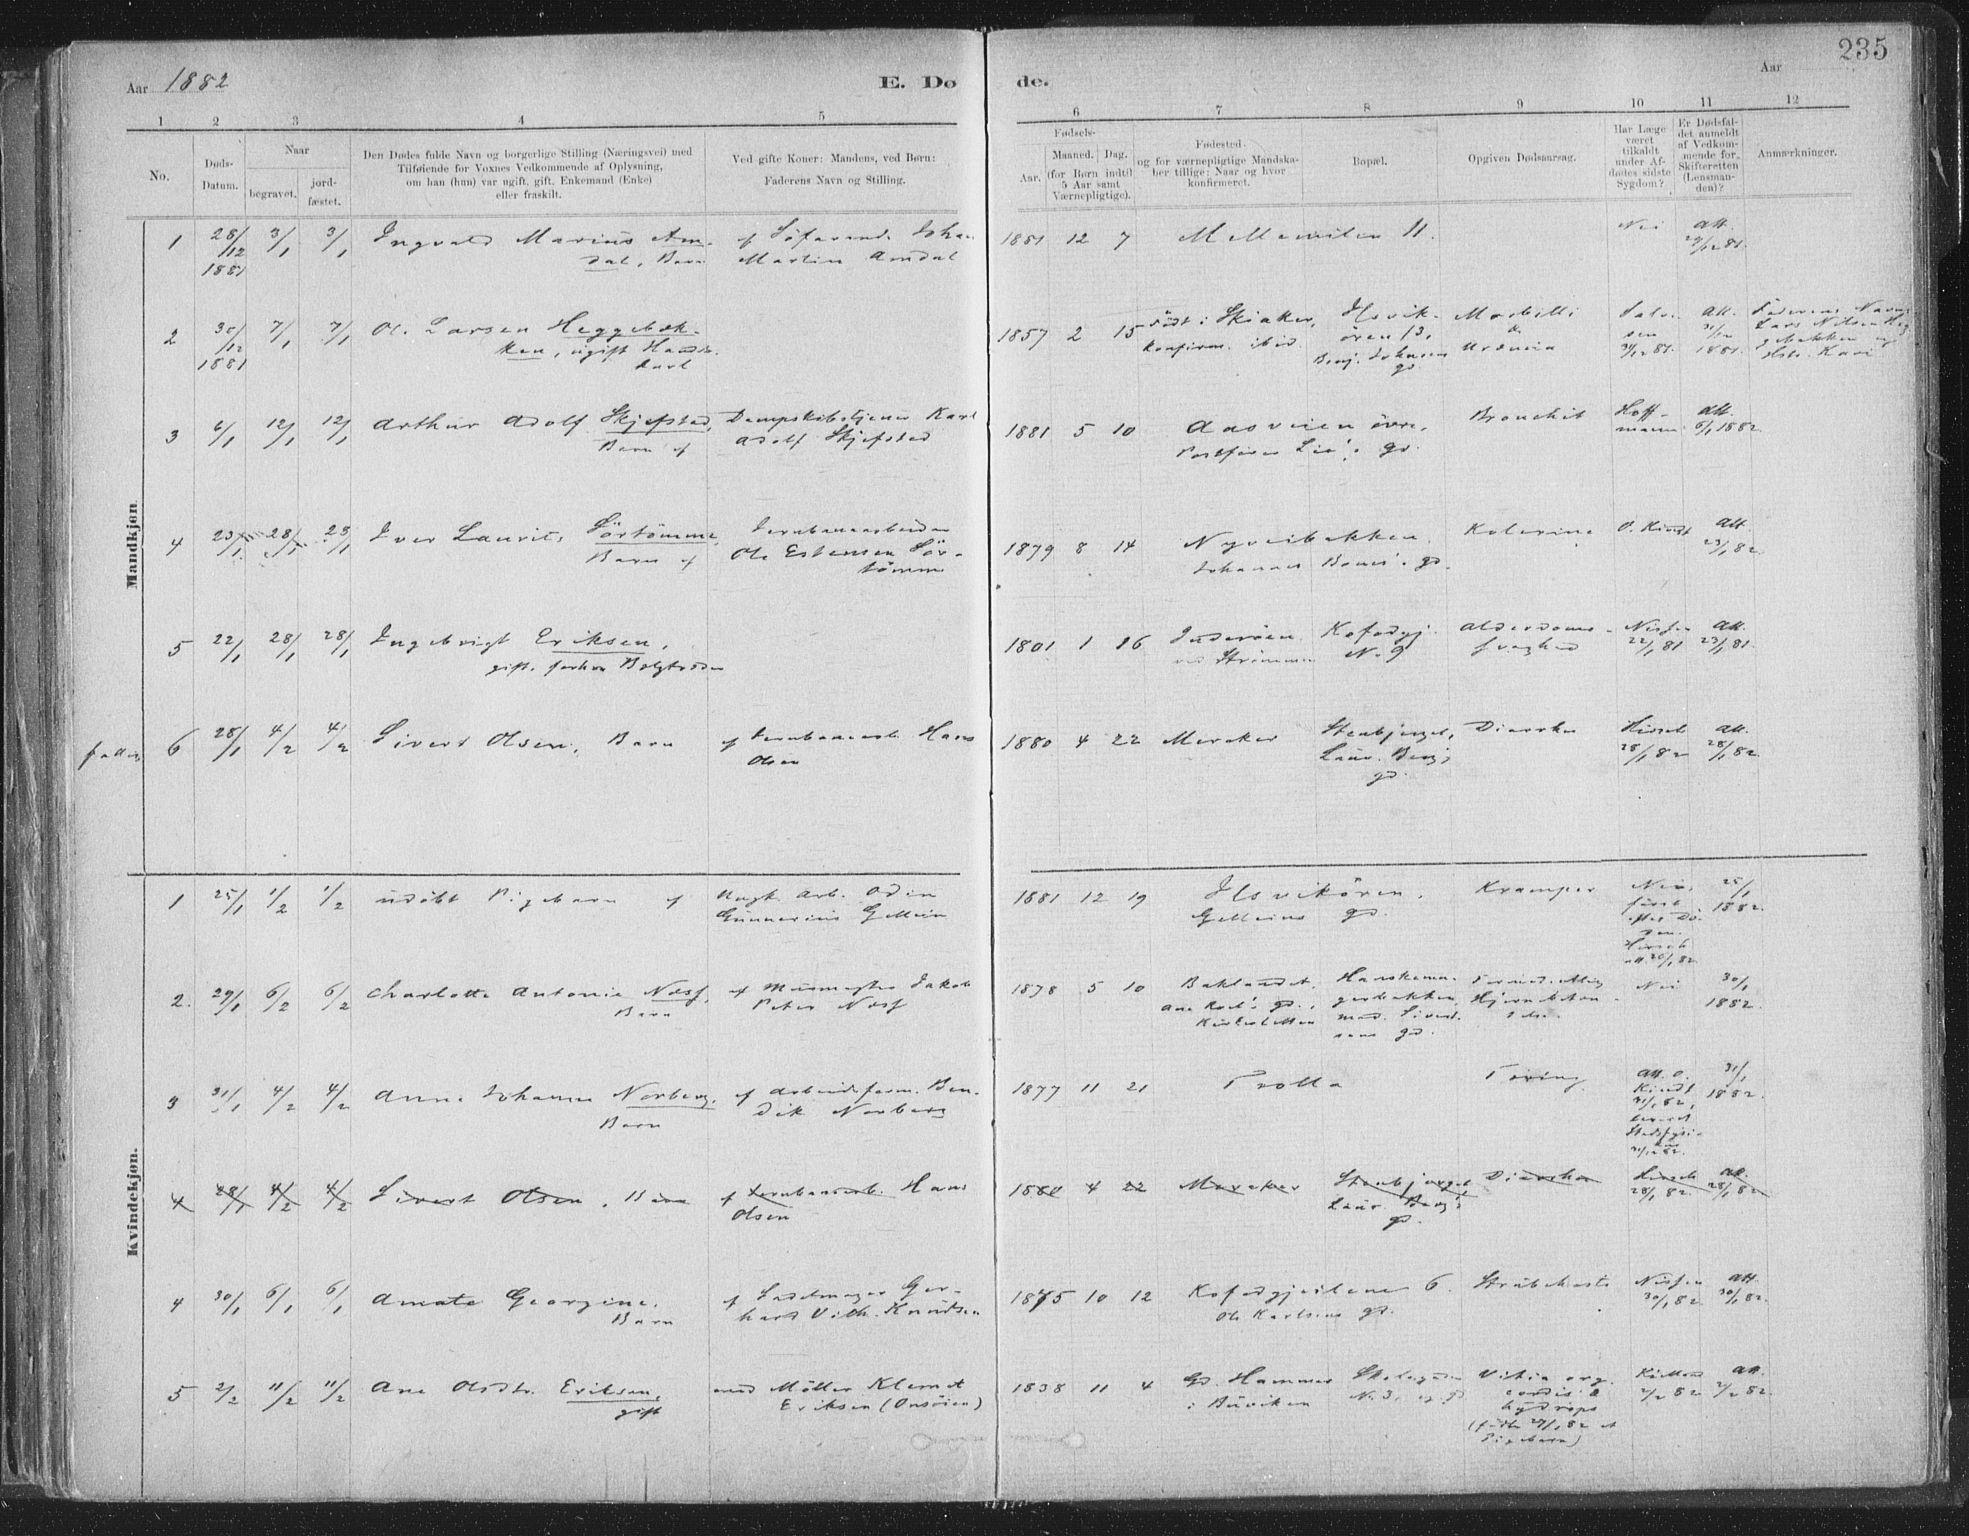 SAT, Ministerialprotokoller, klokkerbøker og fødselsregistre - Sør-Trøndelag, 603/L0162: Ministerialbok nr. 603A01, 1879-1895, s. 235